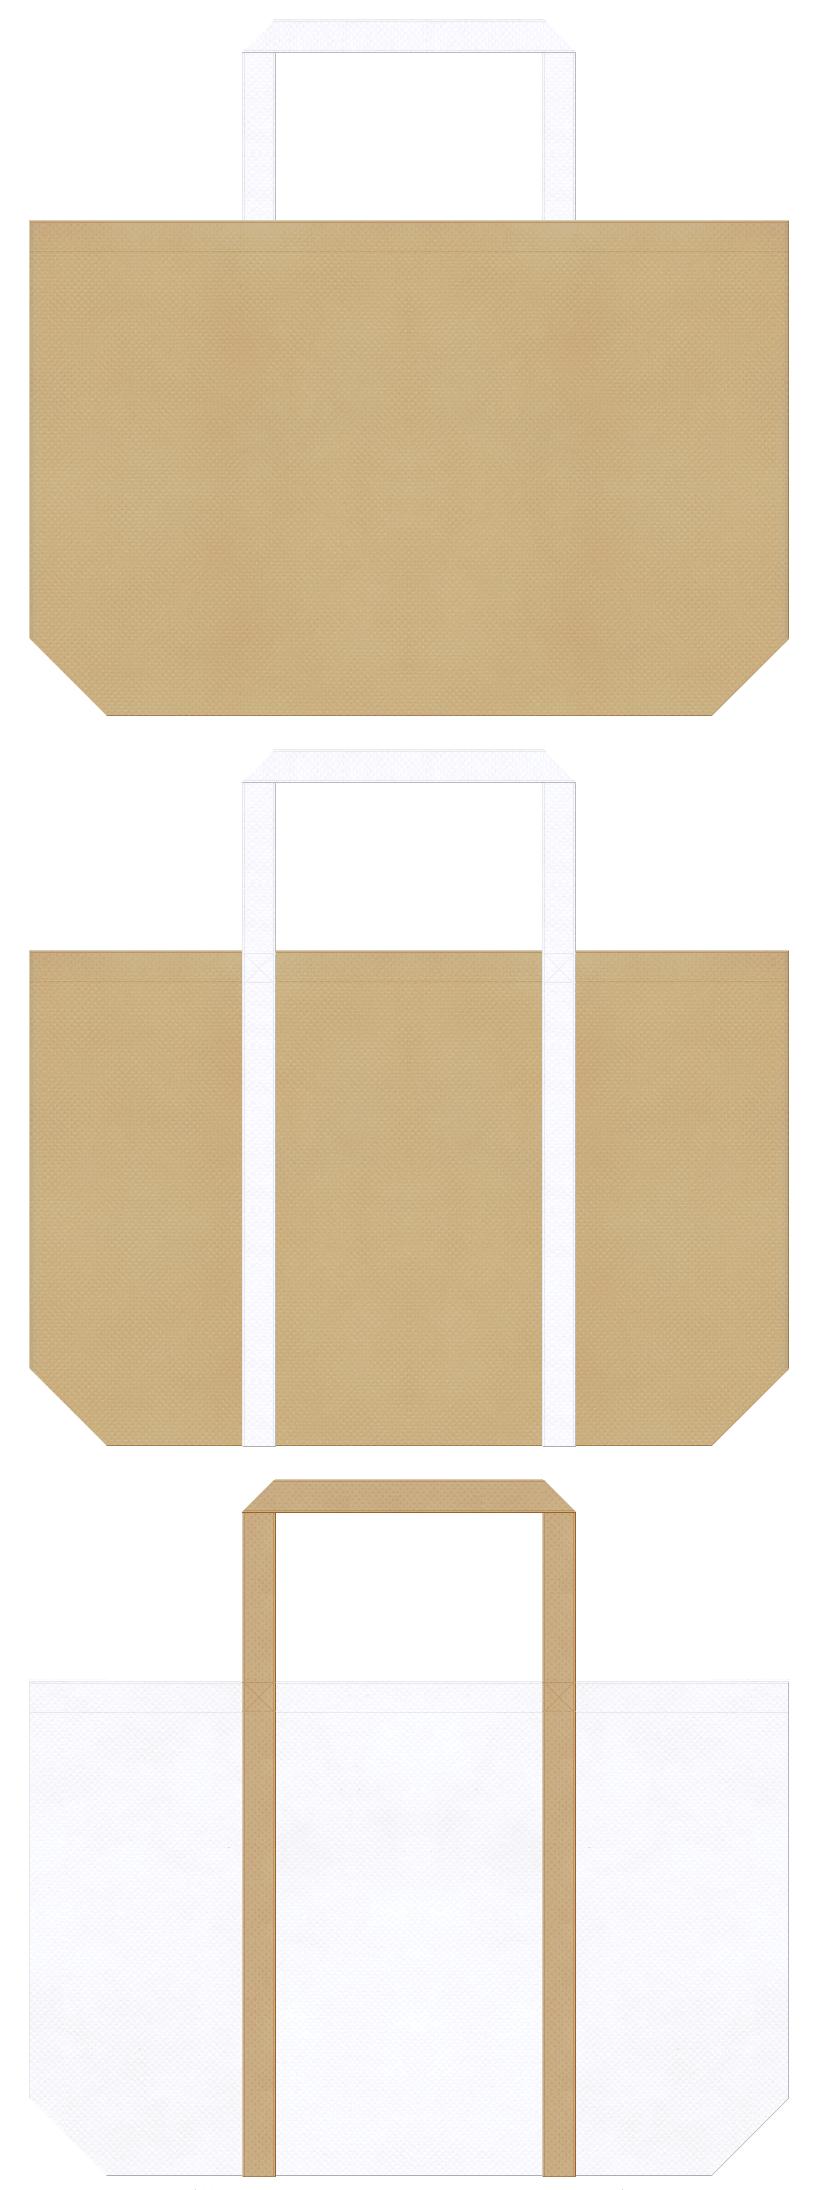 日焼け止め・ロールケーキ・スイーツのショッピングバッグにお奨めの不織布バッグデザイン:カーキ色と白色のコーデ